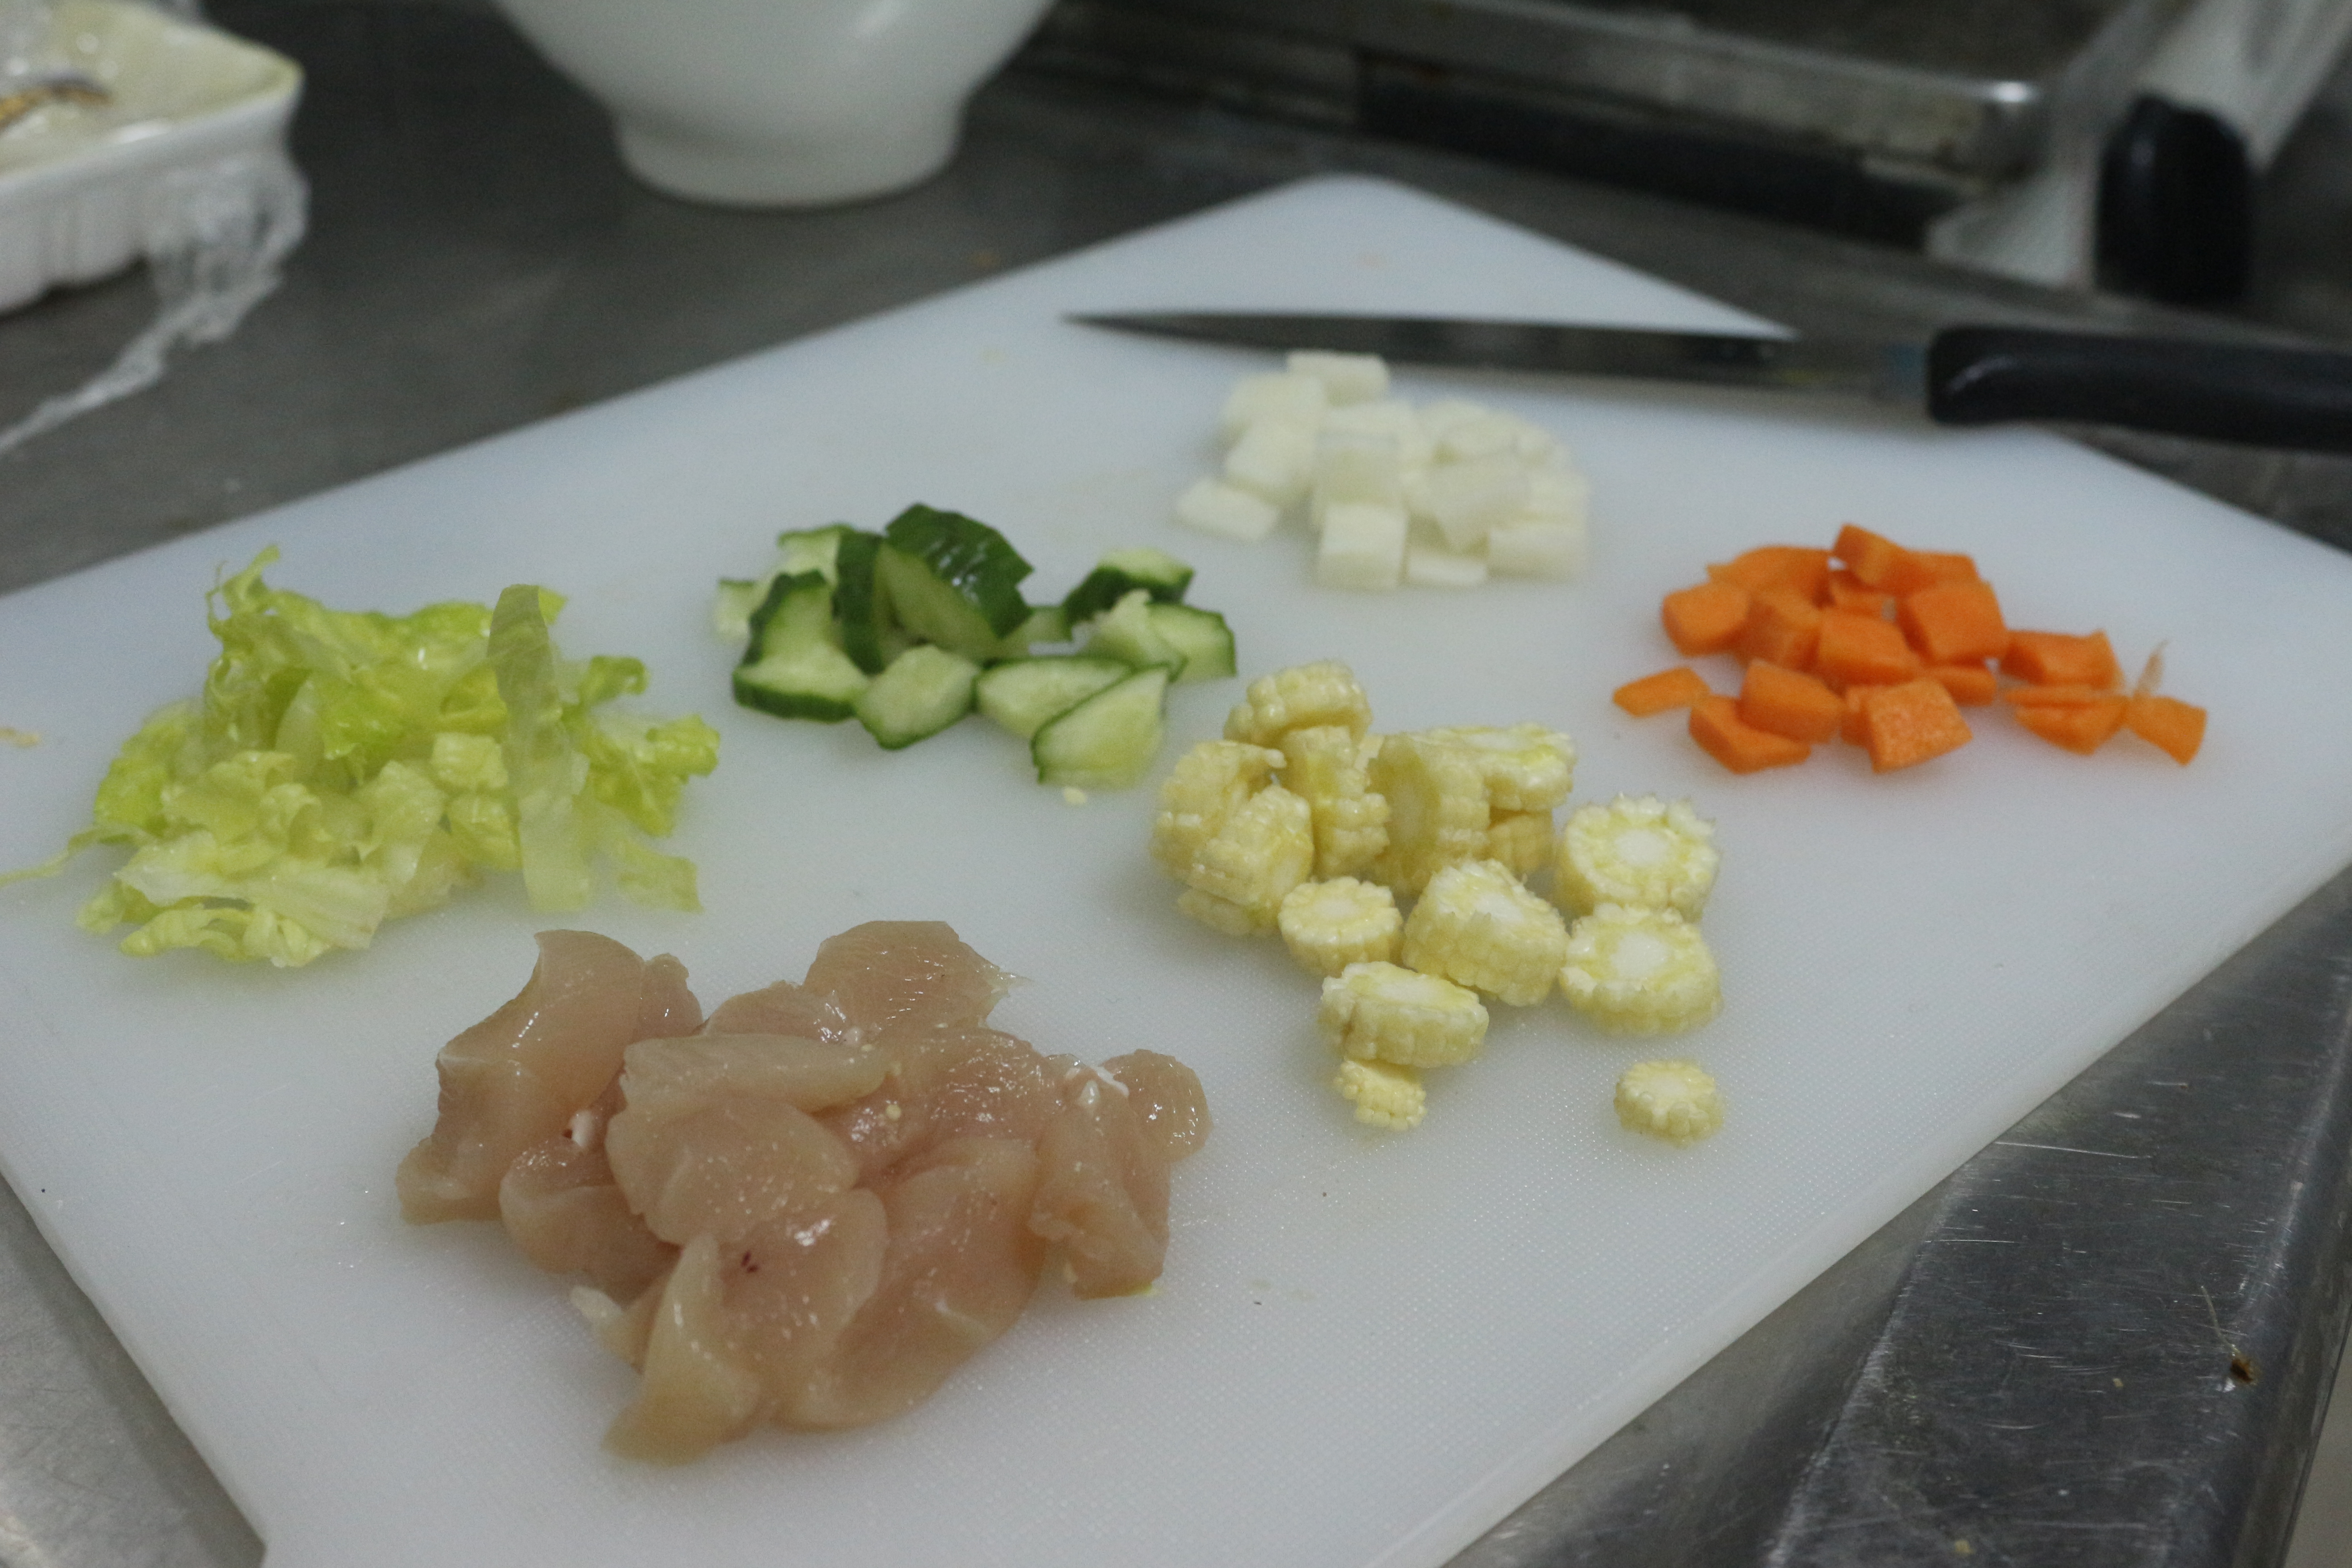 鮮食料理所使用的食材。 攝影/吳冠輝